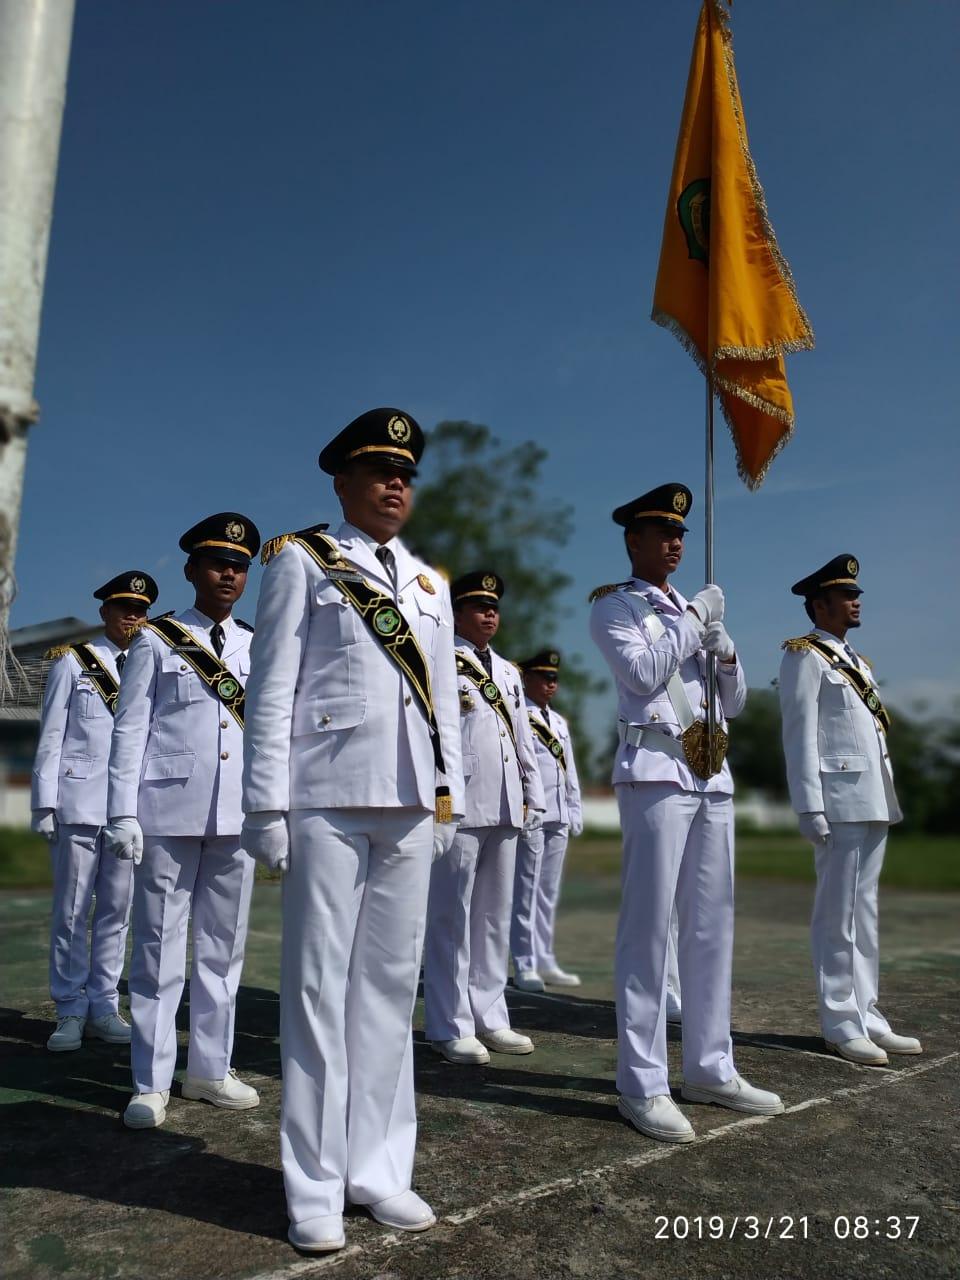 IKAPTK Kabupaten Kapuas Menjadi Pasukan Pataka Dalam Peringatan Hari Jadi Kabupaten Kapuas ke 213